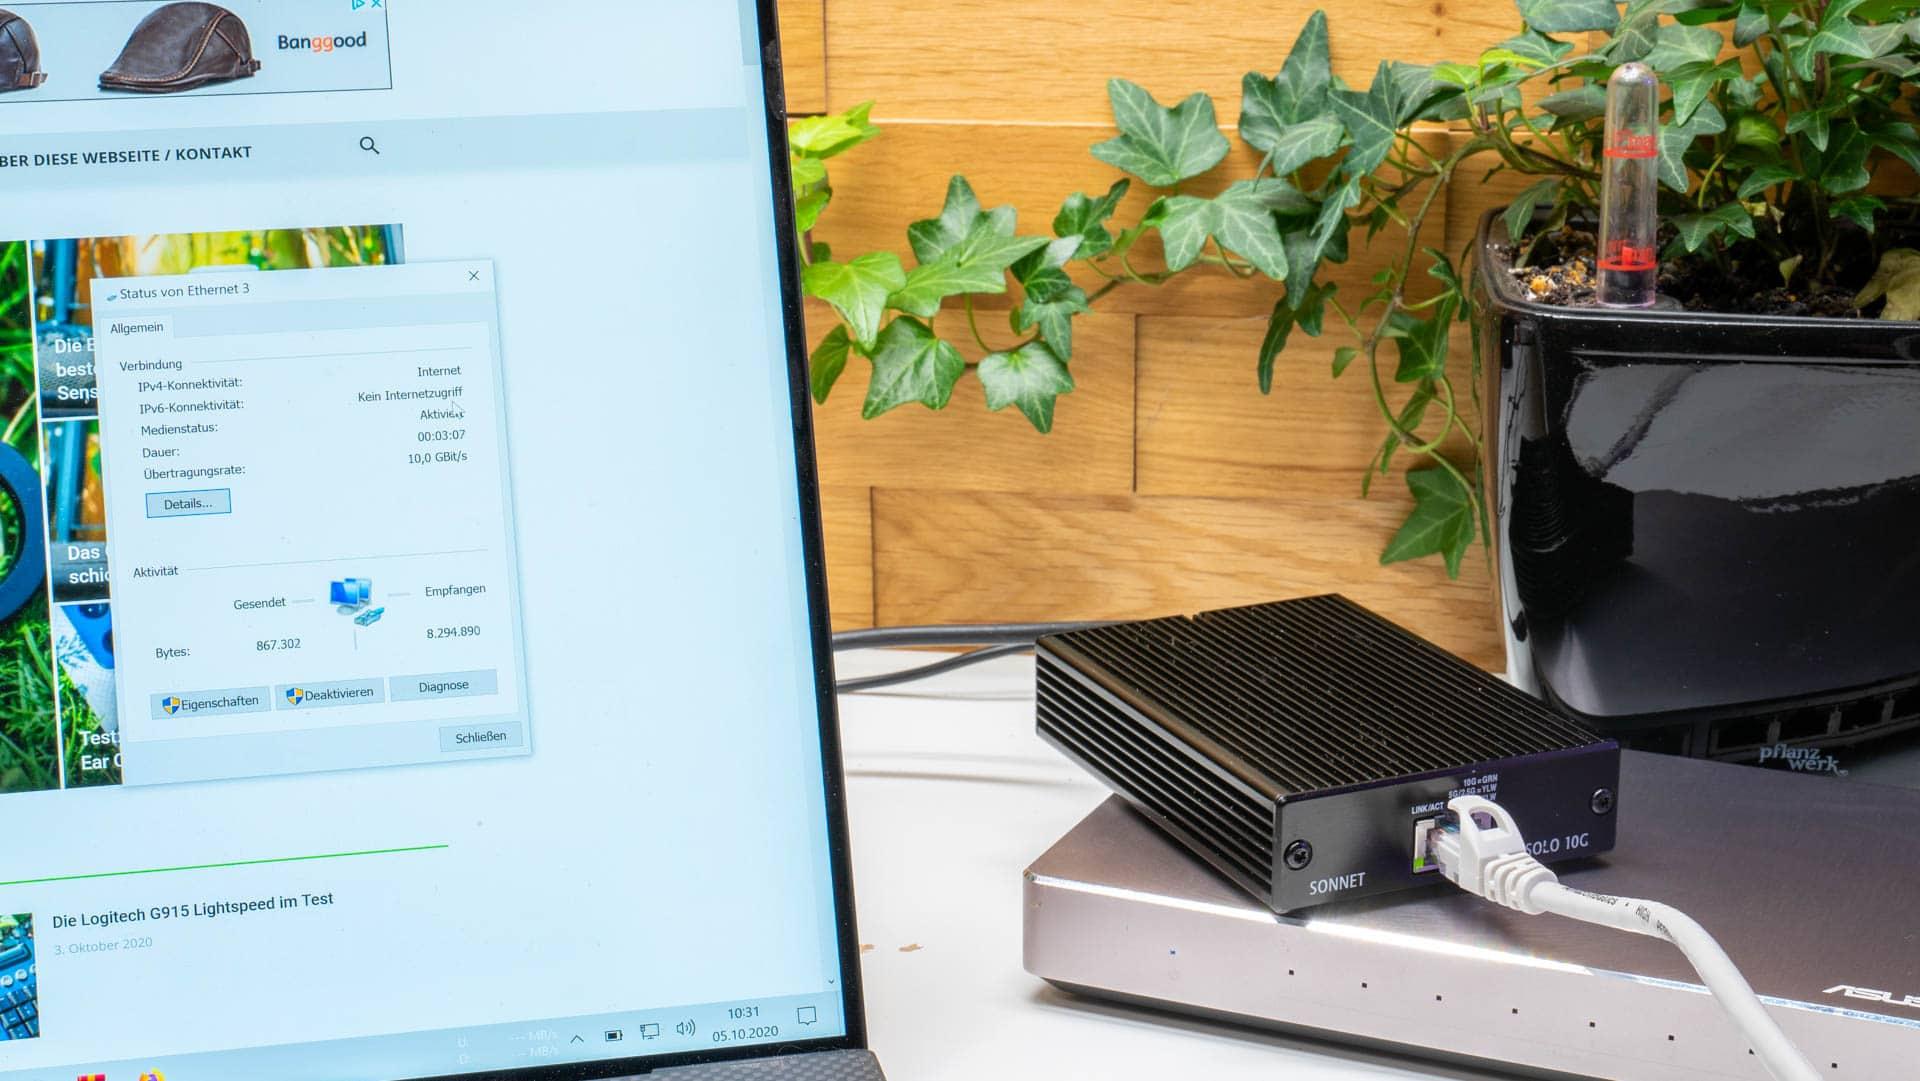 Cat 5e LAN Kabel und 10 Gbit LAN? Was für ein LAN Kabel benötige ich für 10Gbit / 2,5Gbit LAN?